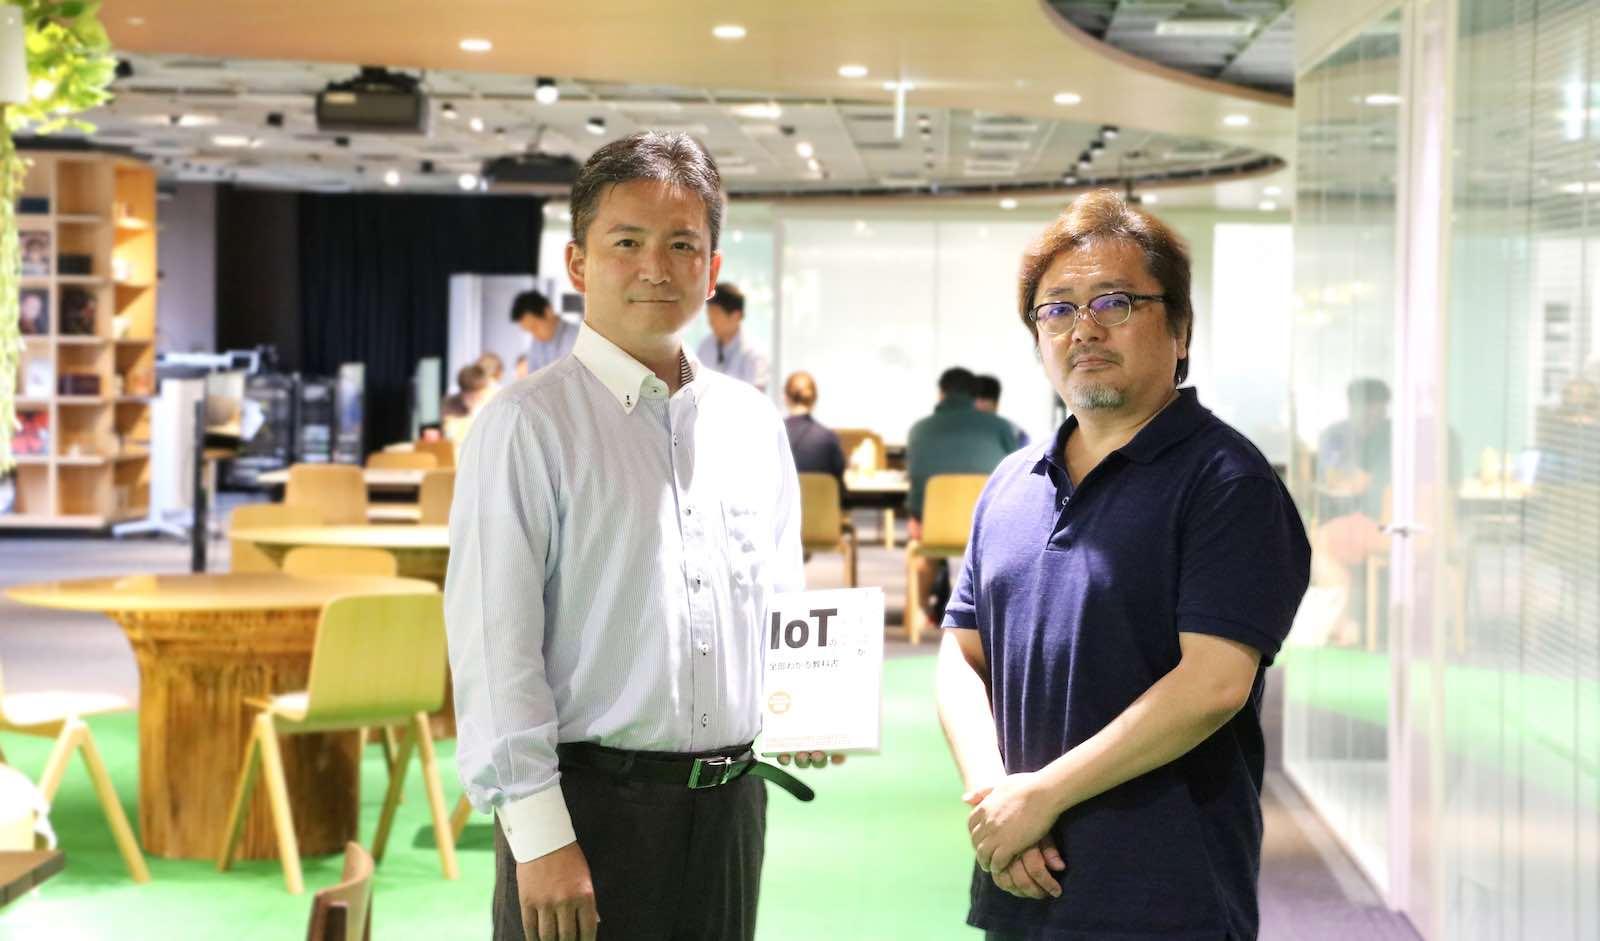 書籍「IoTの基本・仕組み・重要事項が全部わかる教科書」(SBクリエイティブ)を紹介する、八子知礼氏と杉山恒司氏